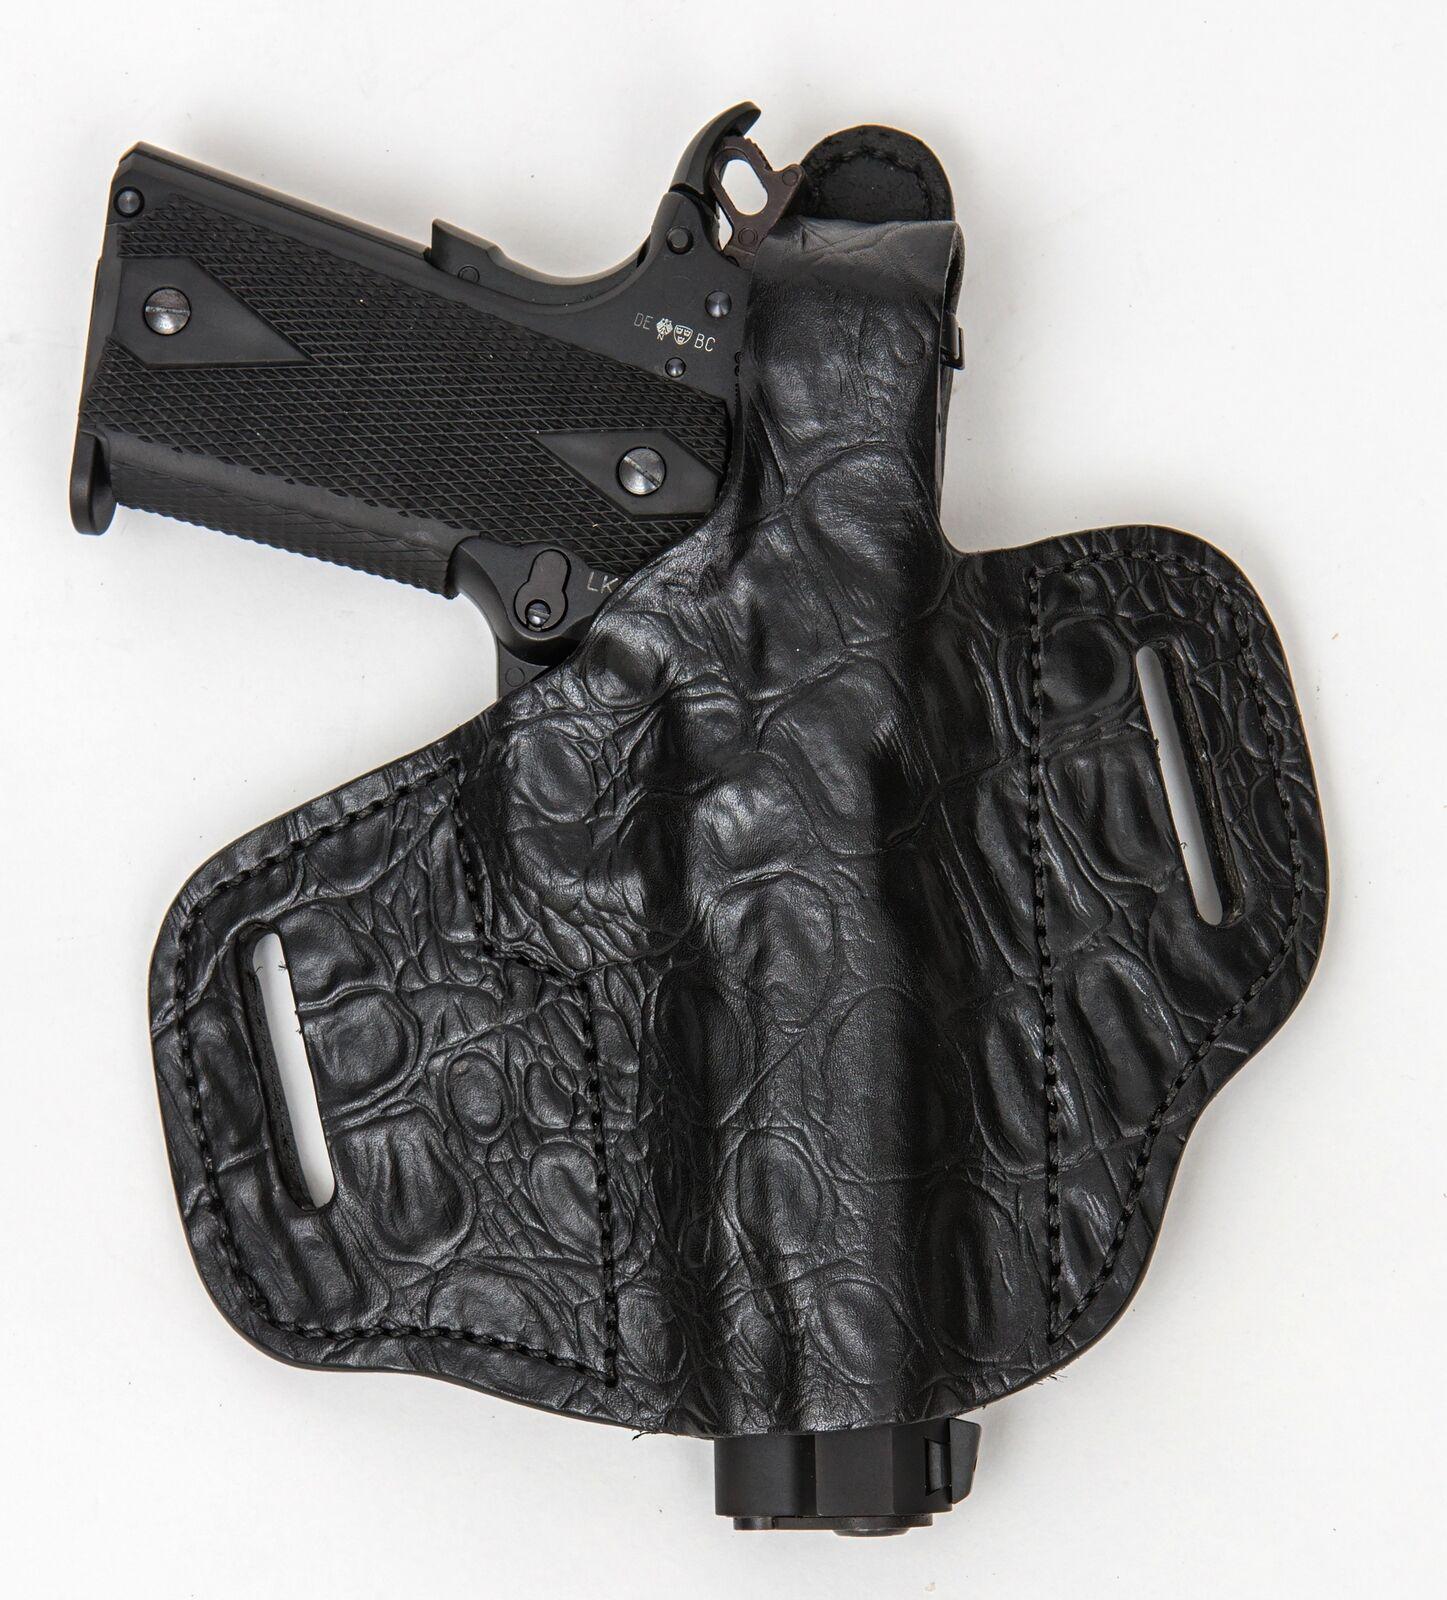 En servicio ocultar RH LH owb Cuero Funda Pistola para Kimber Pro encubierto 3